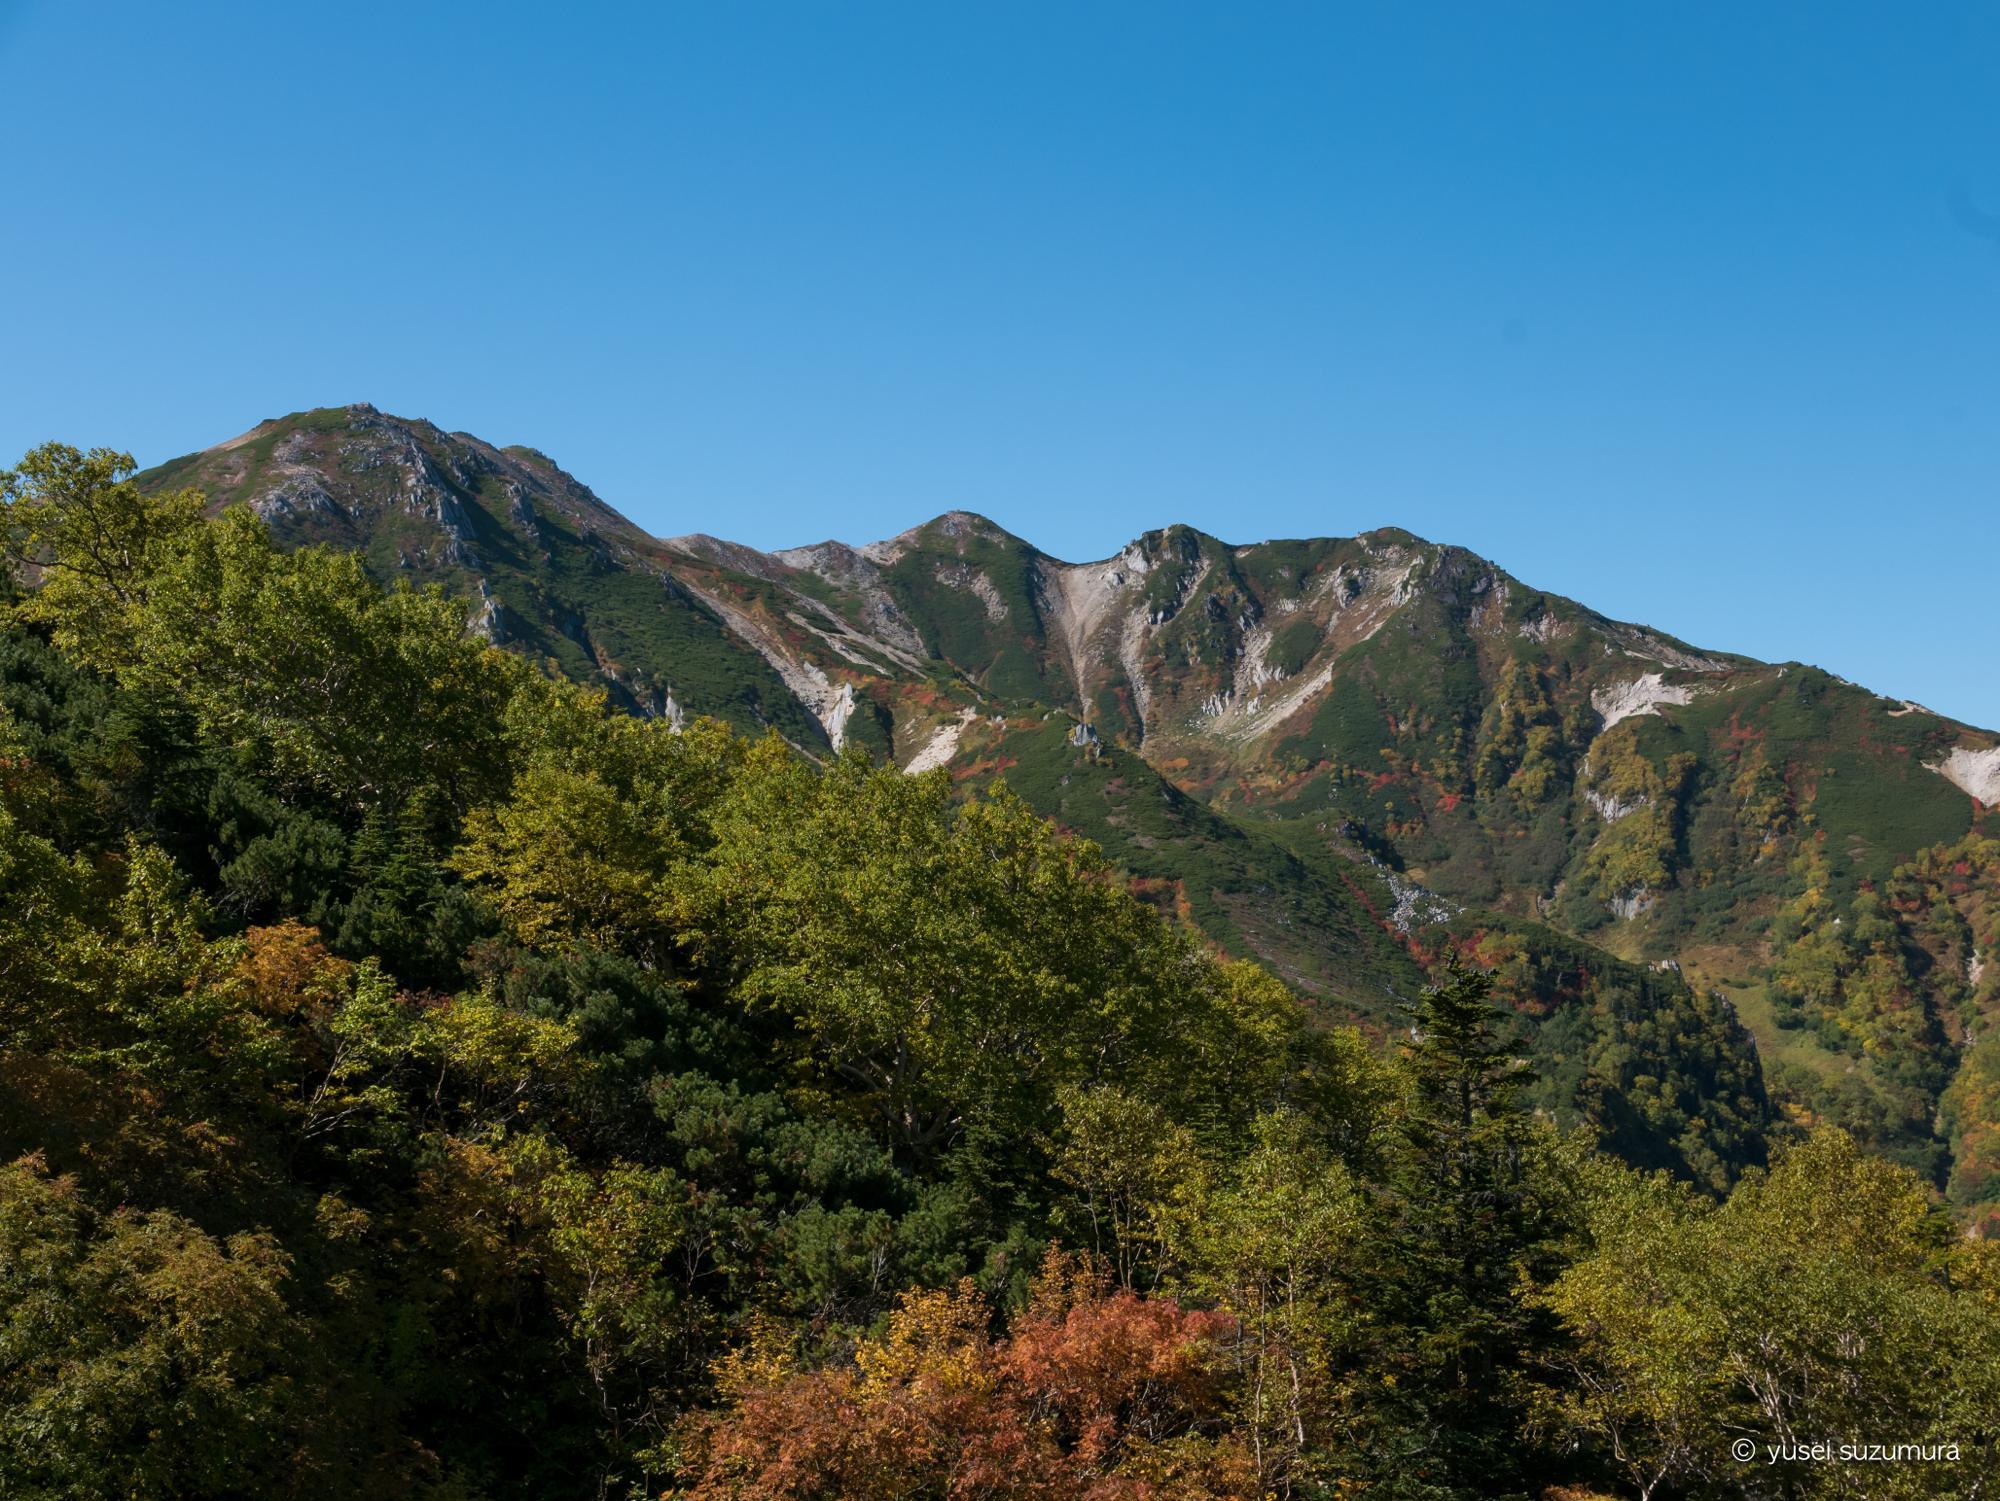 ブナ立尾根 山 風景